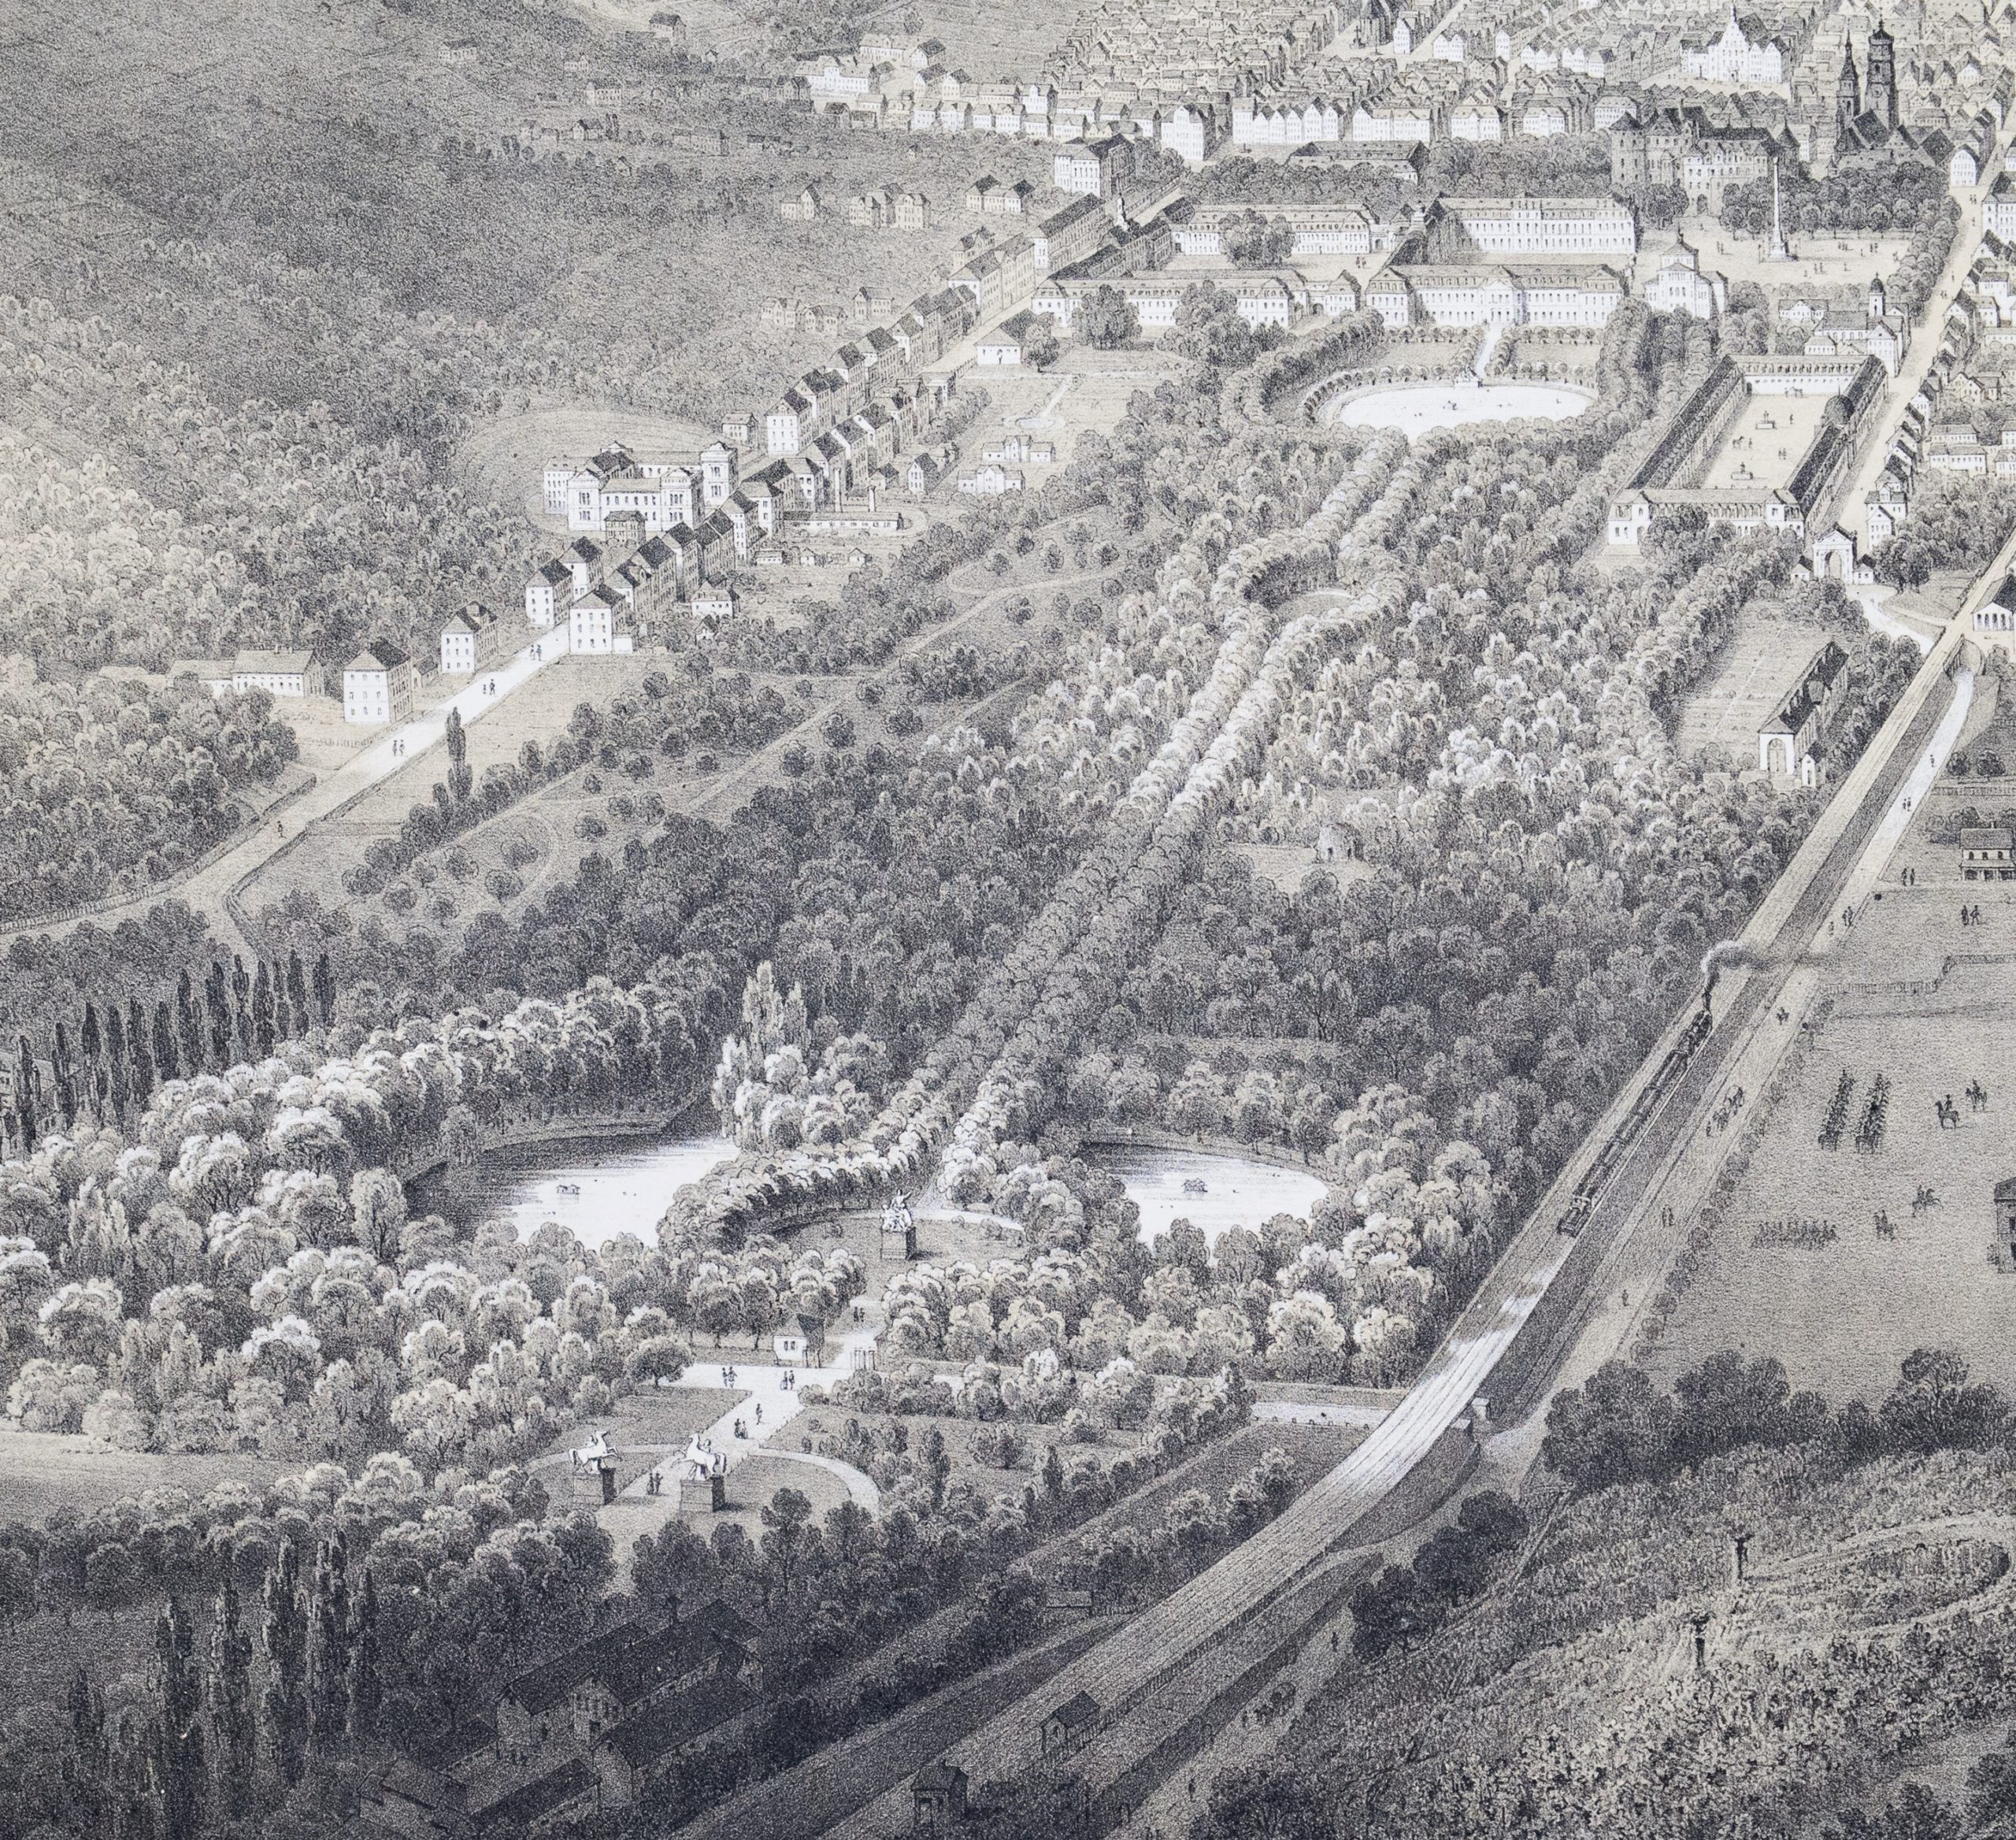 Vogelschau Schlossgarten 1852